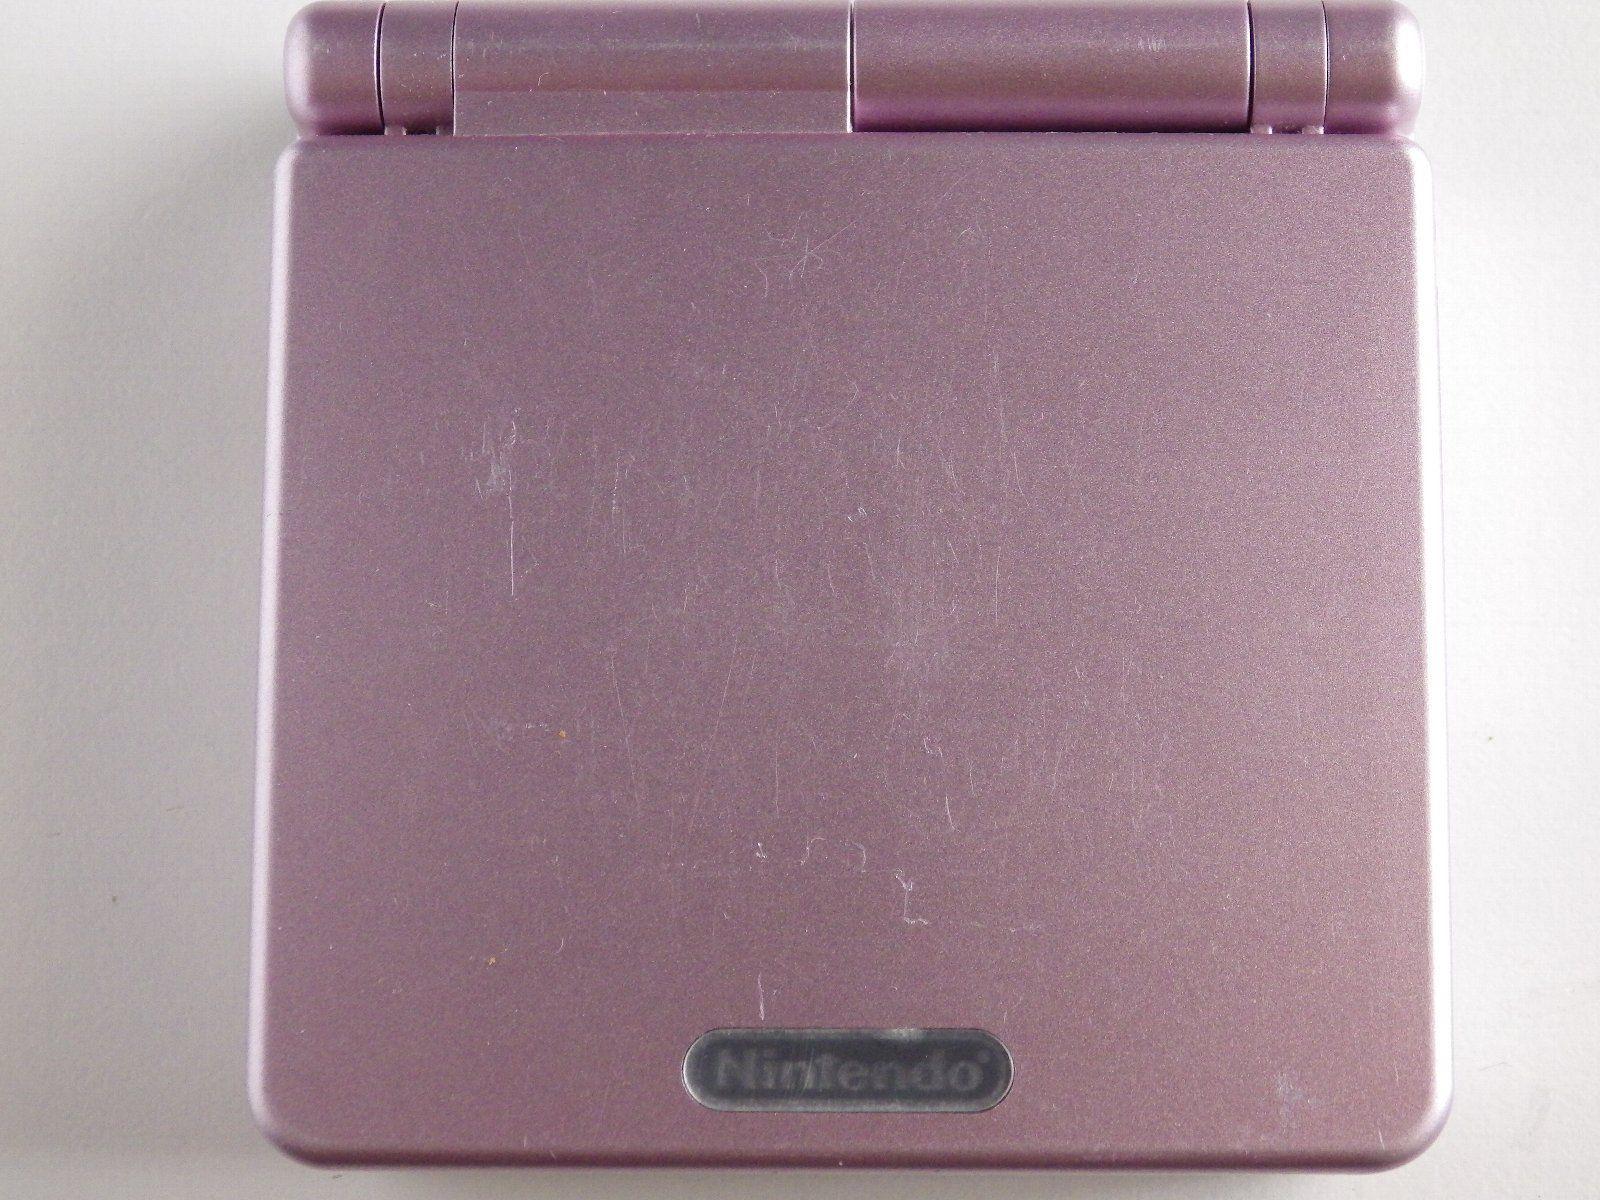 Gameboy Advance SP, Pinkki